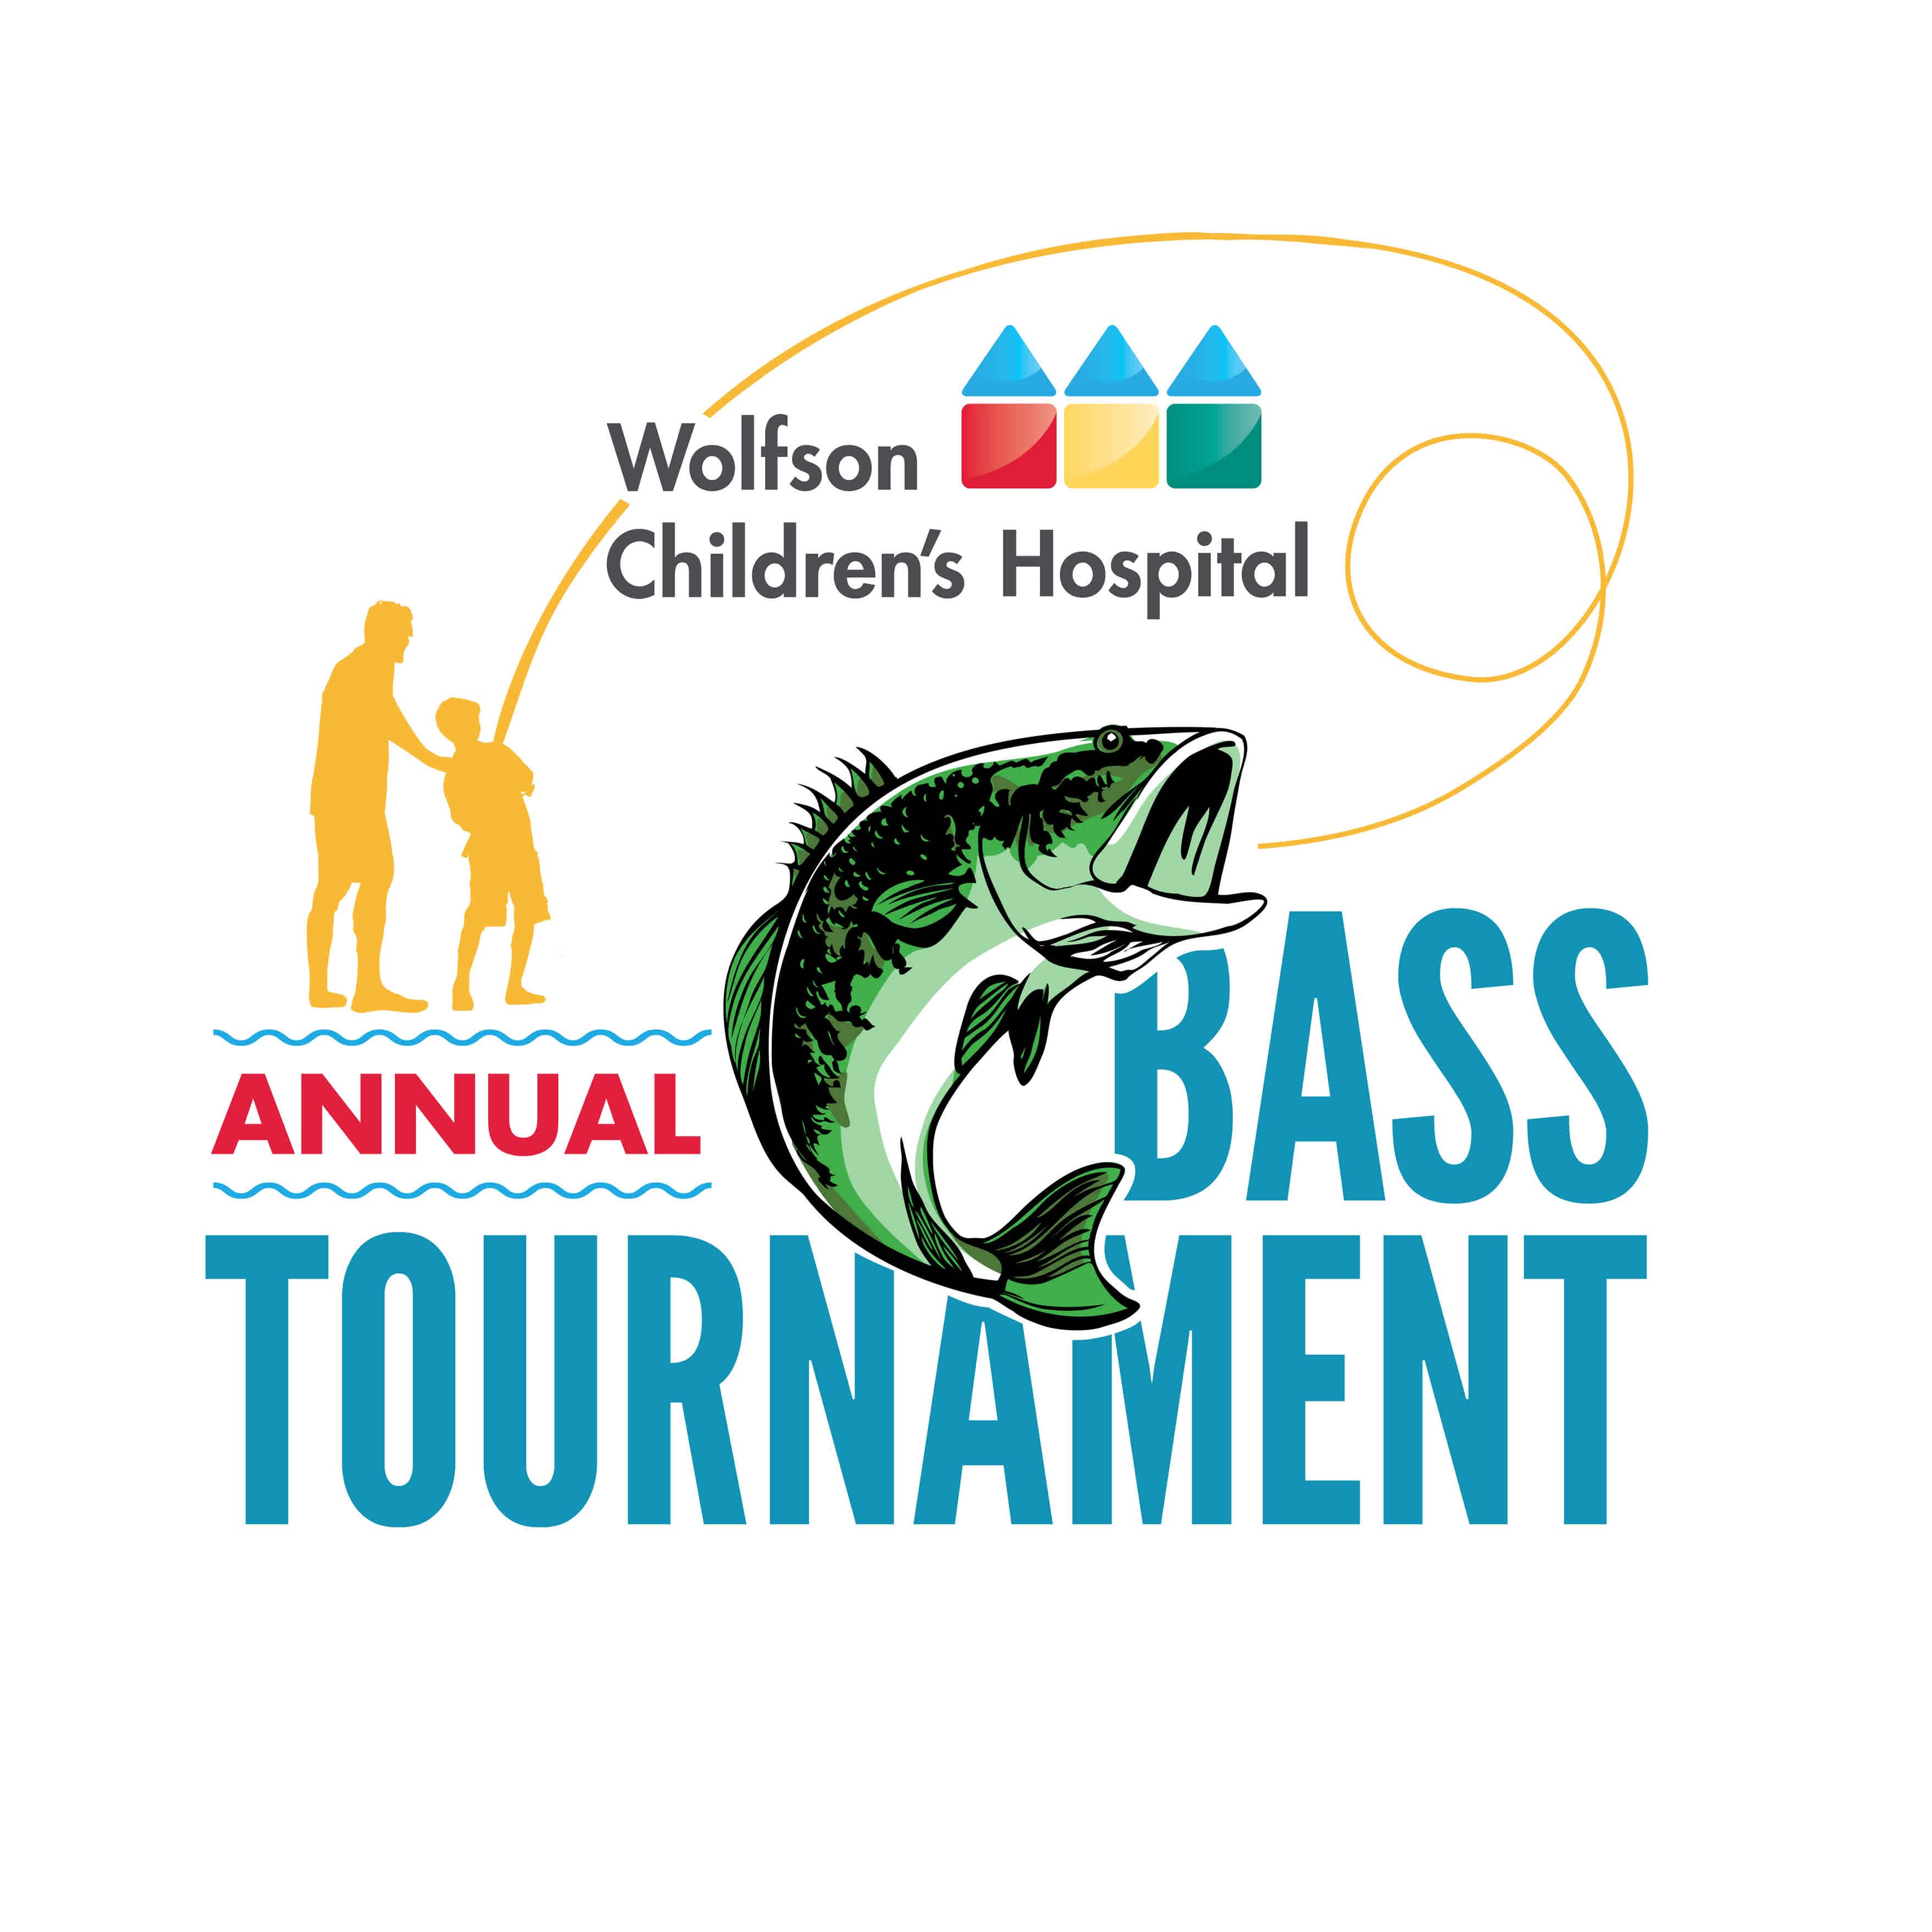 Wolfson Children's Hospital Bass Tournament